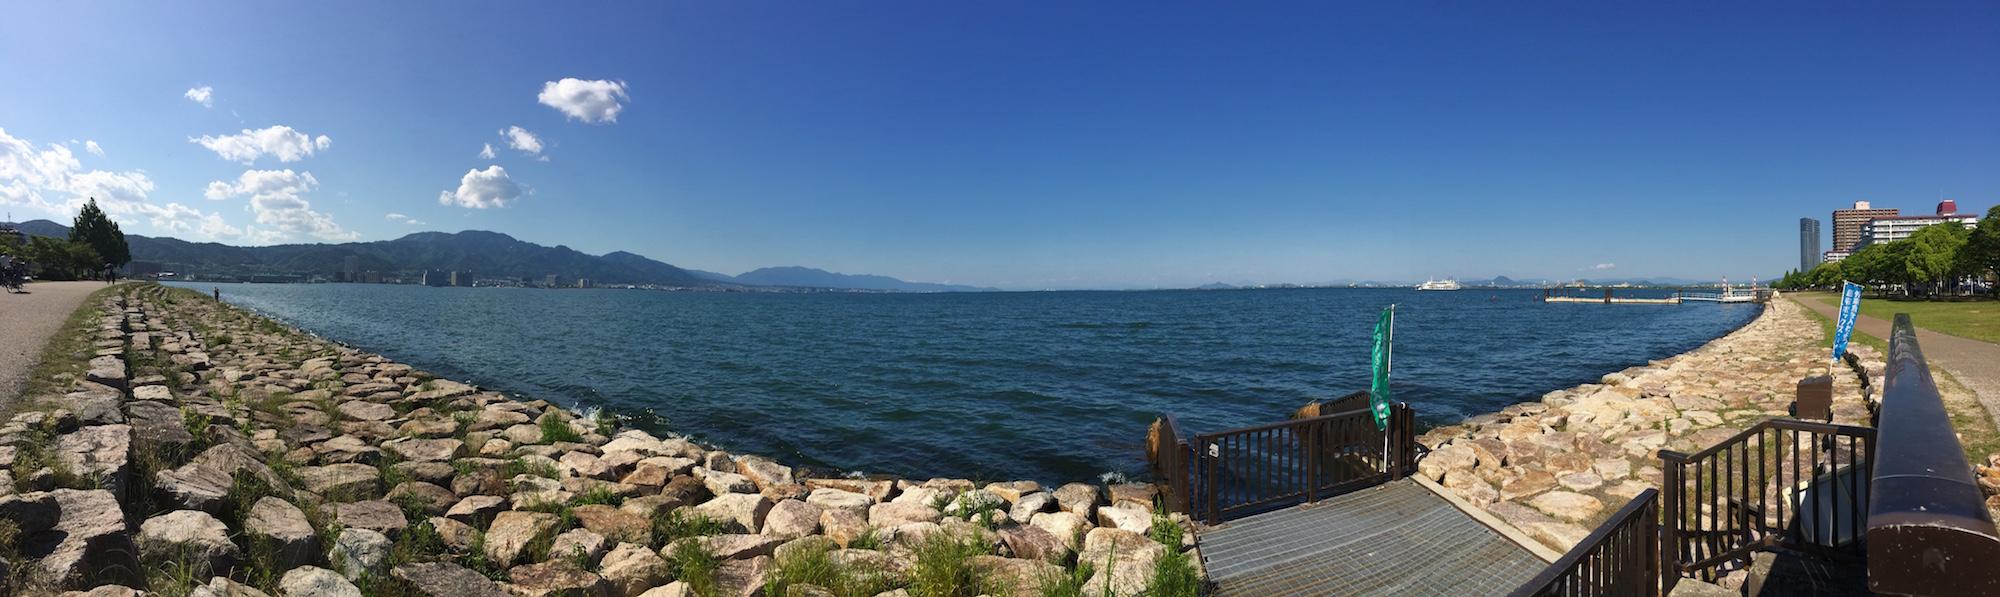 琵琶湖パノラマ